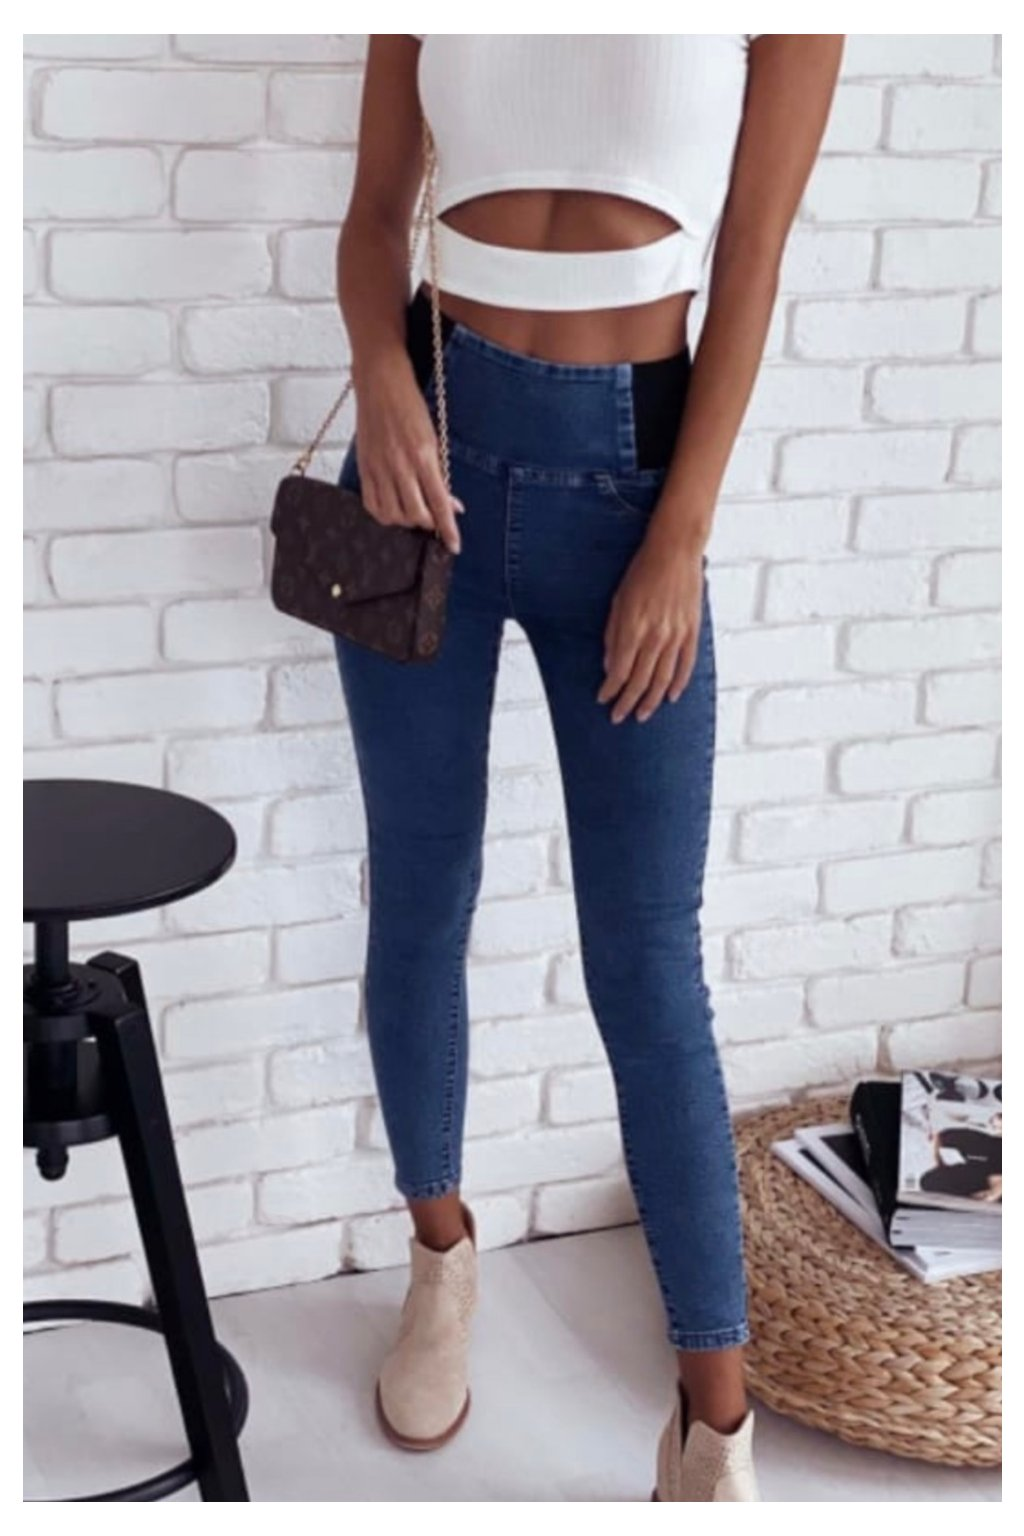 dámské jeans legíny modré menší i větší velikosti